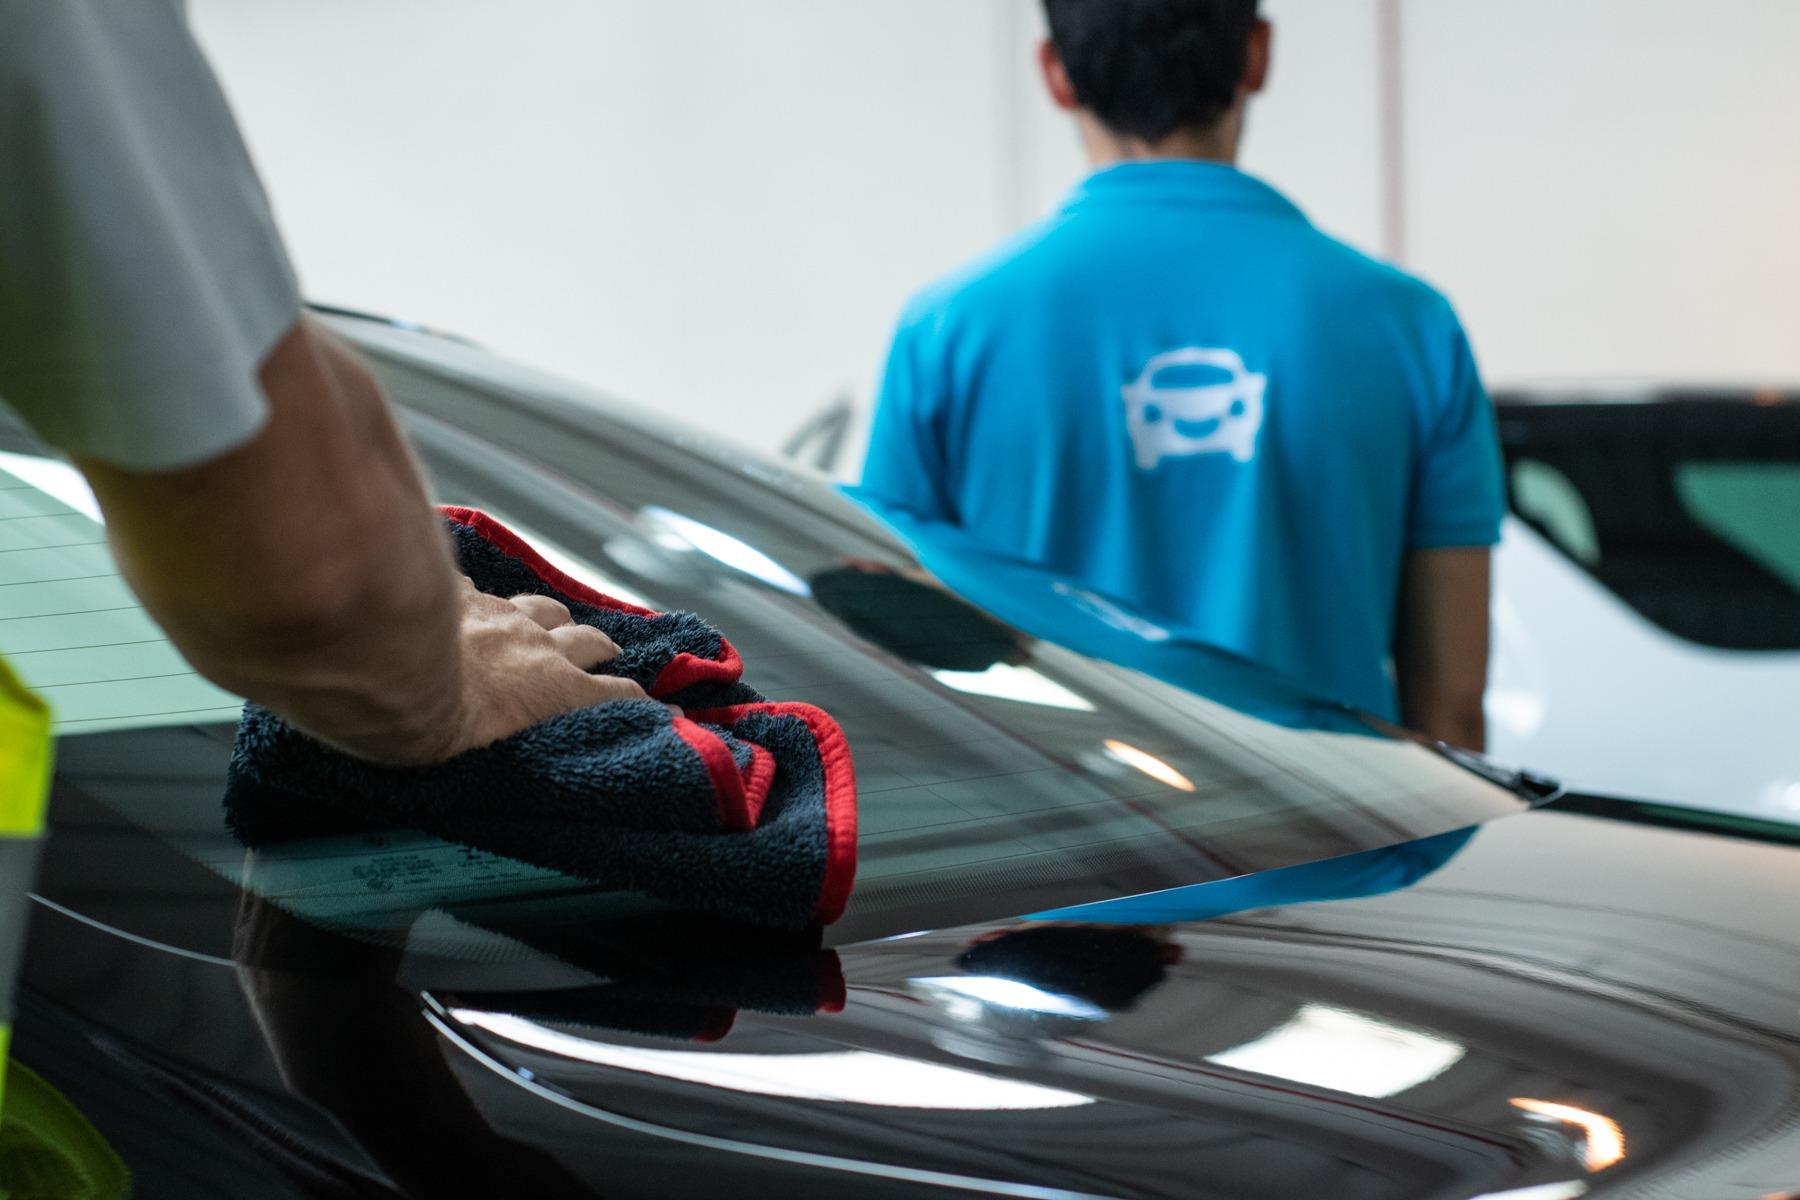 Consejos para limpiar el coche